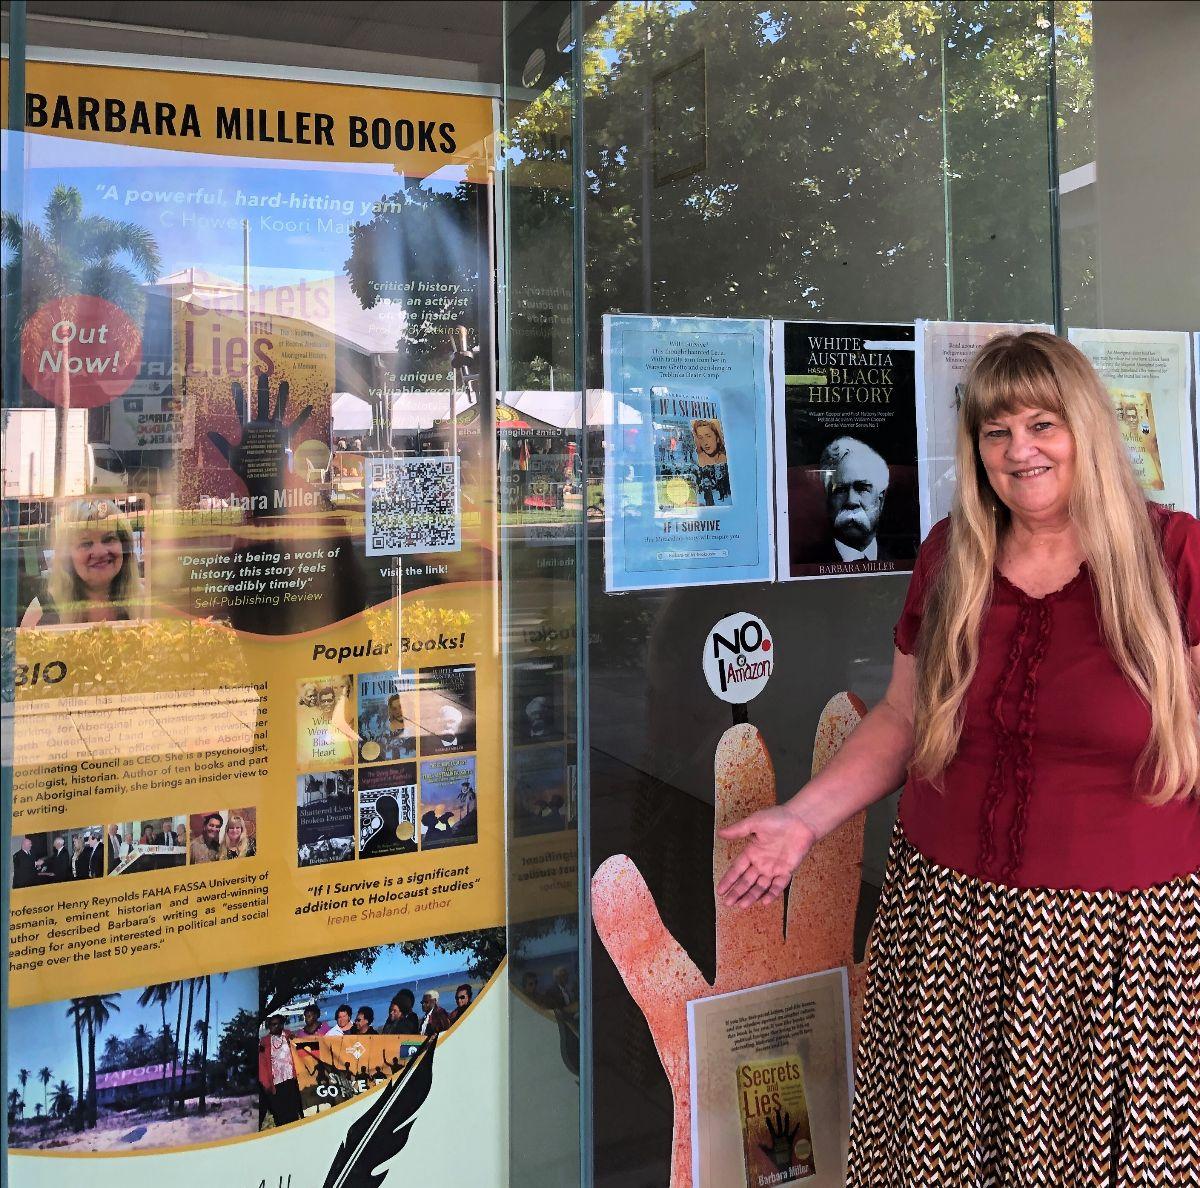 barbara miller banner shopfront